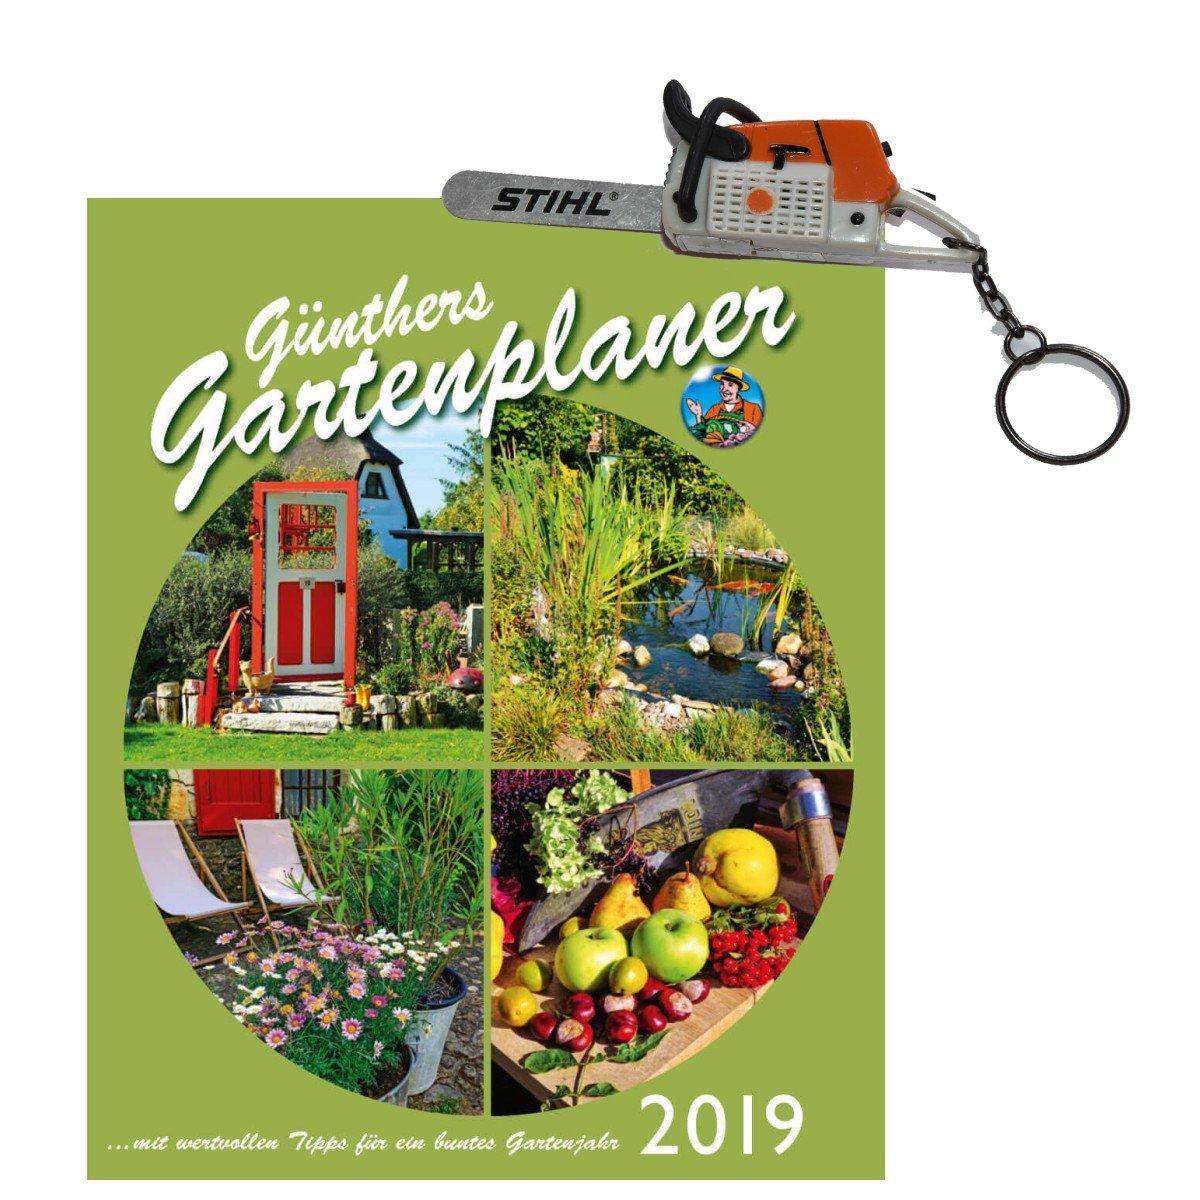 Jardín calendario 2018 Günthers jardín agenda 2018 + llavero motosierra con ruido Stihl: Amazon.es: Jardín